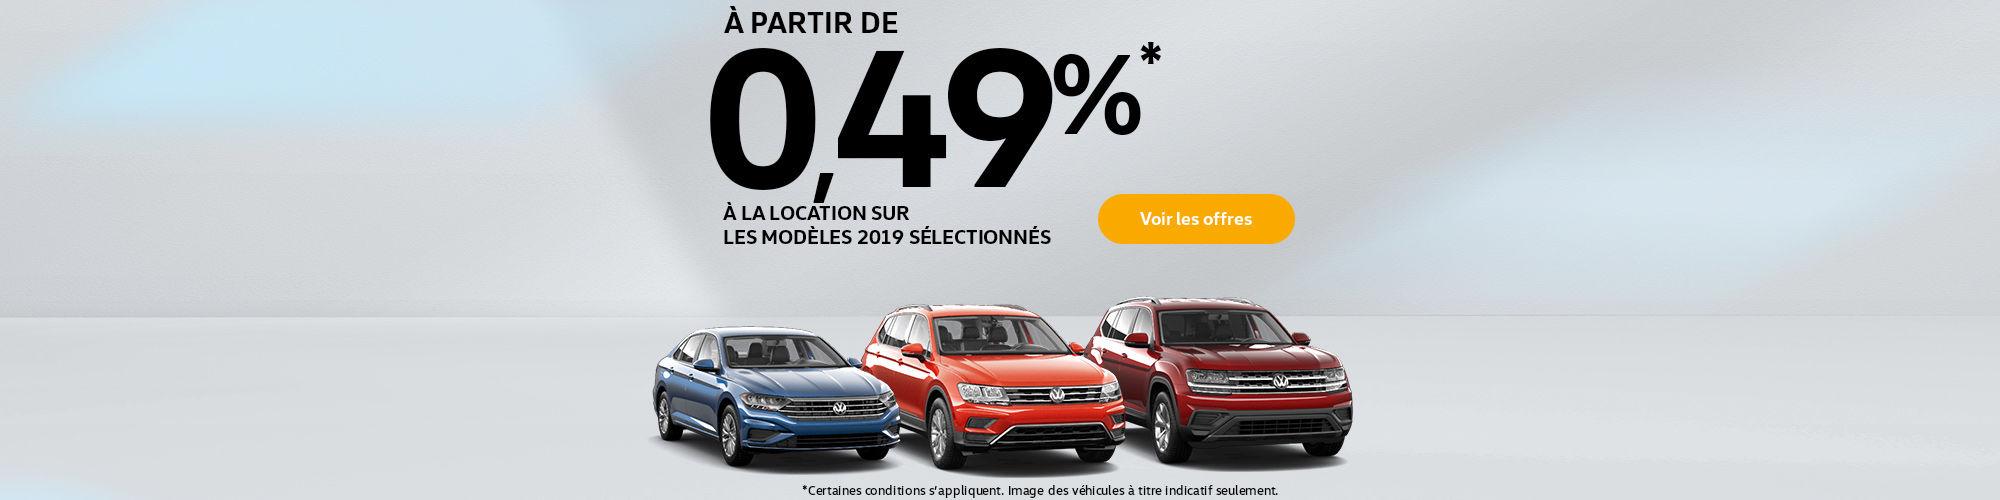 Événement Volkswagen